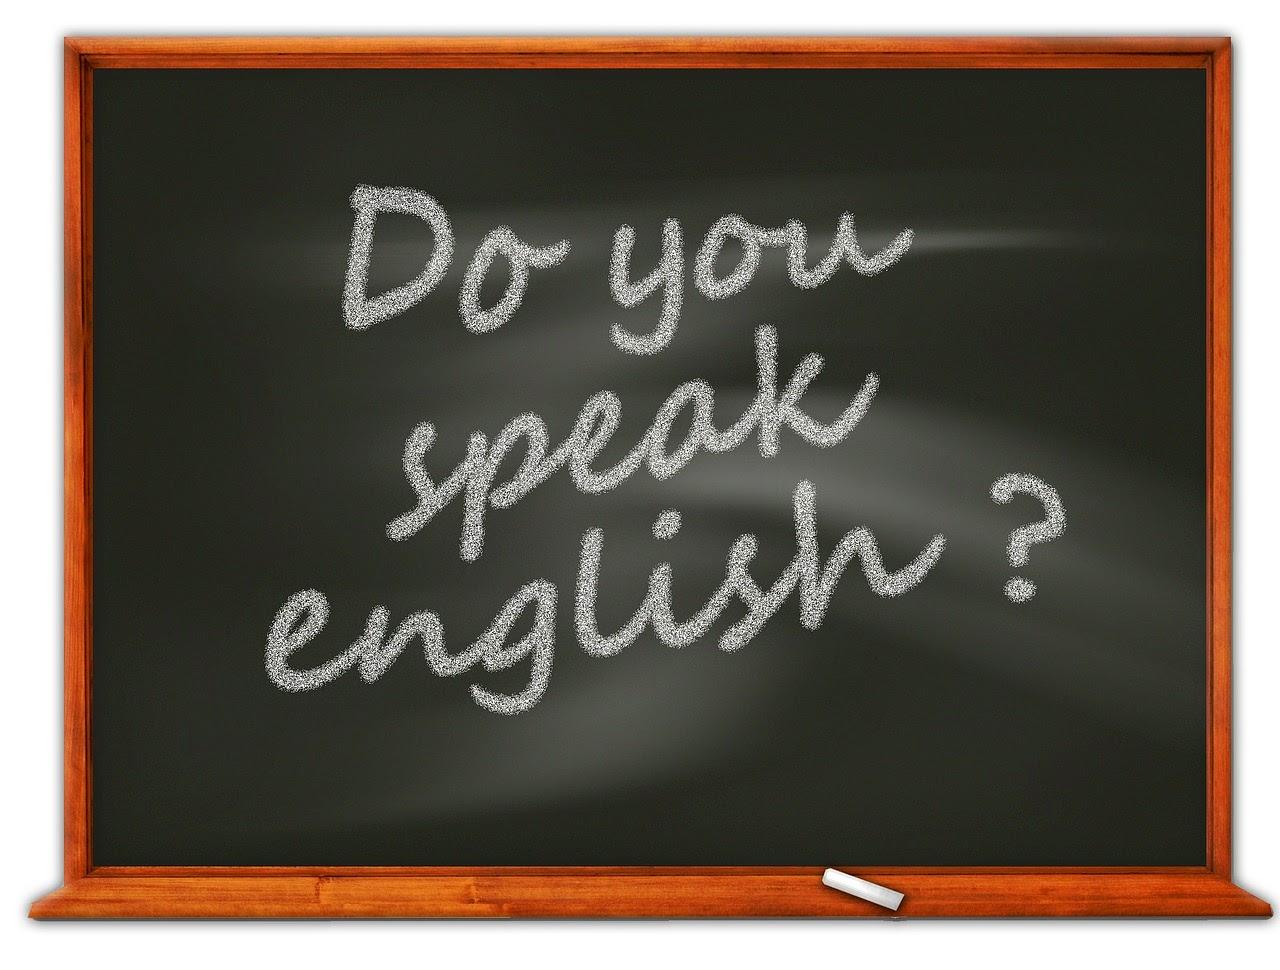 دورة تعلم أساسيات اللغة الإنجليزية مجانا